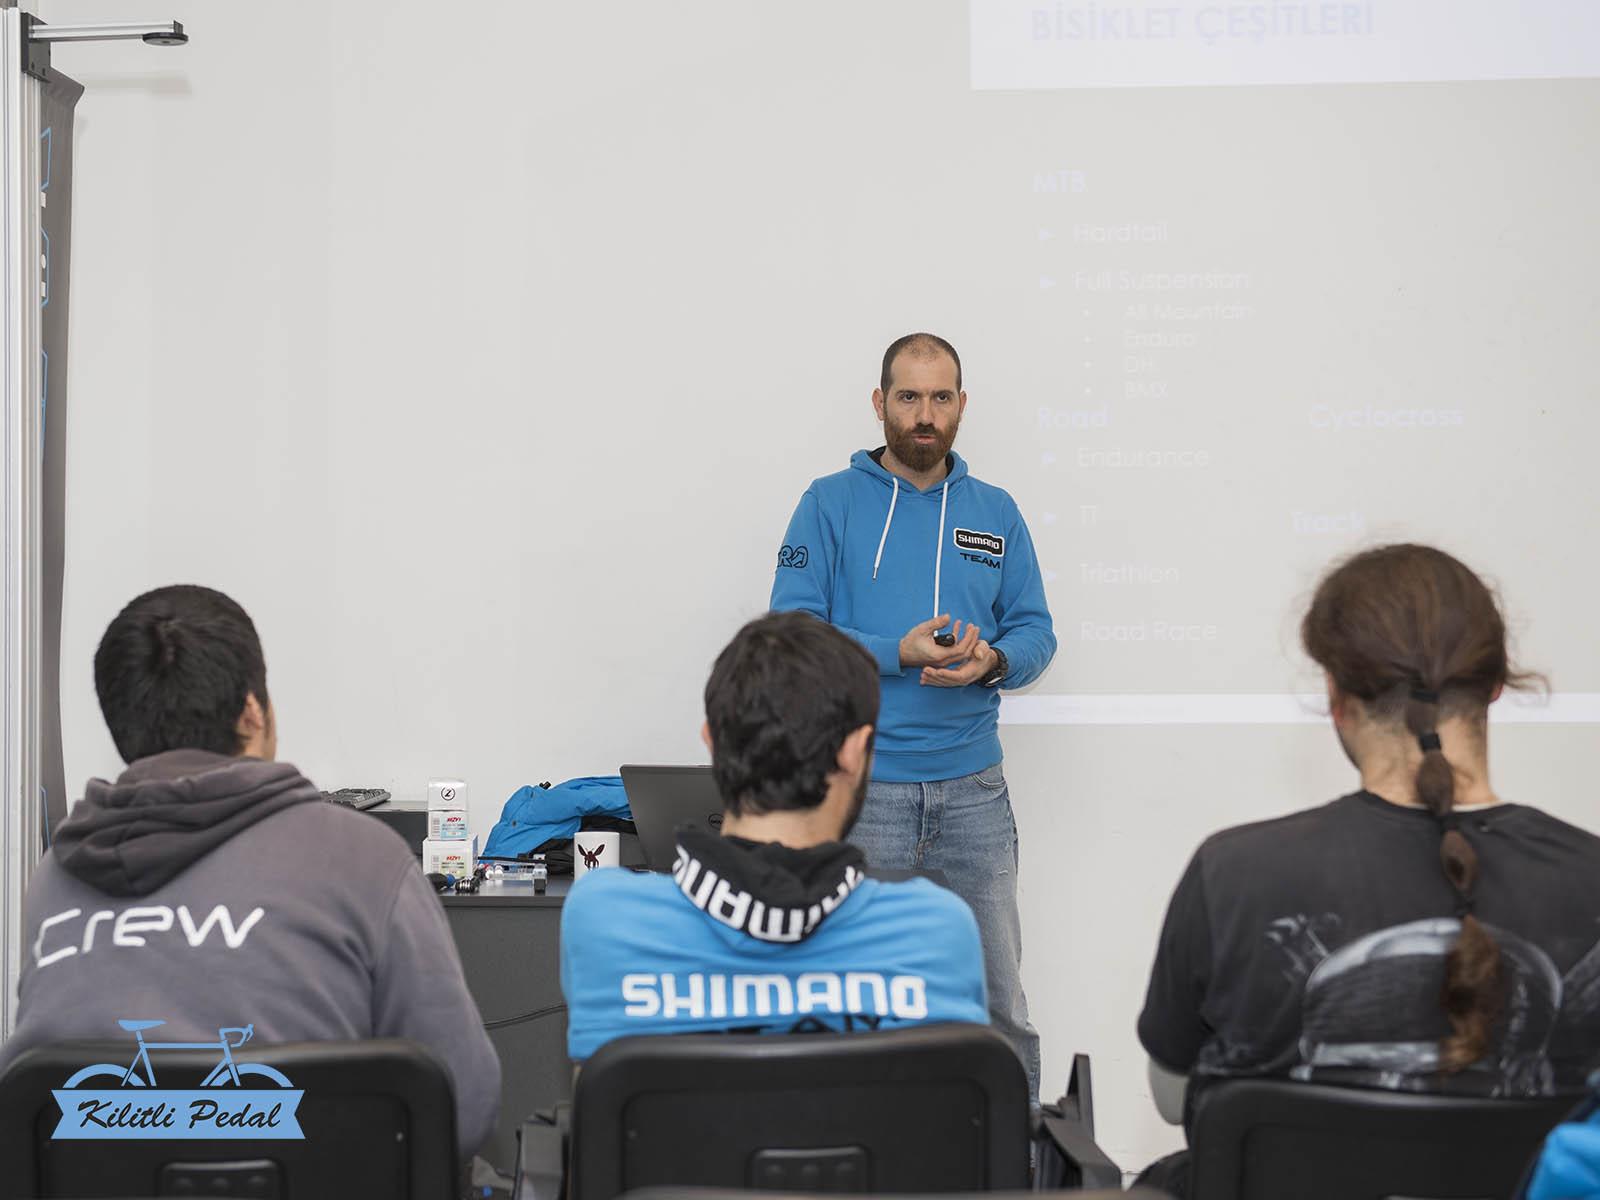 shimano-türkiye-bilgi-santralistanbul-teknik-eğitim